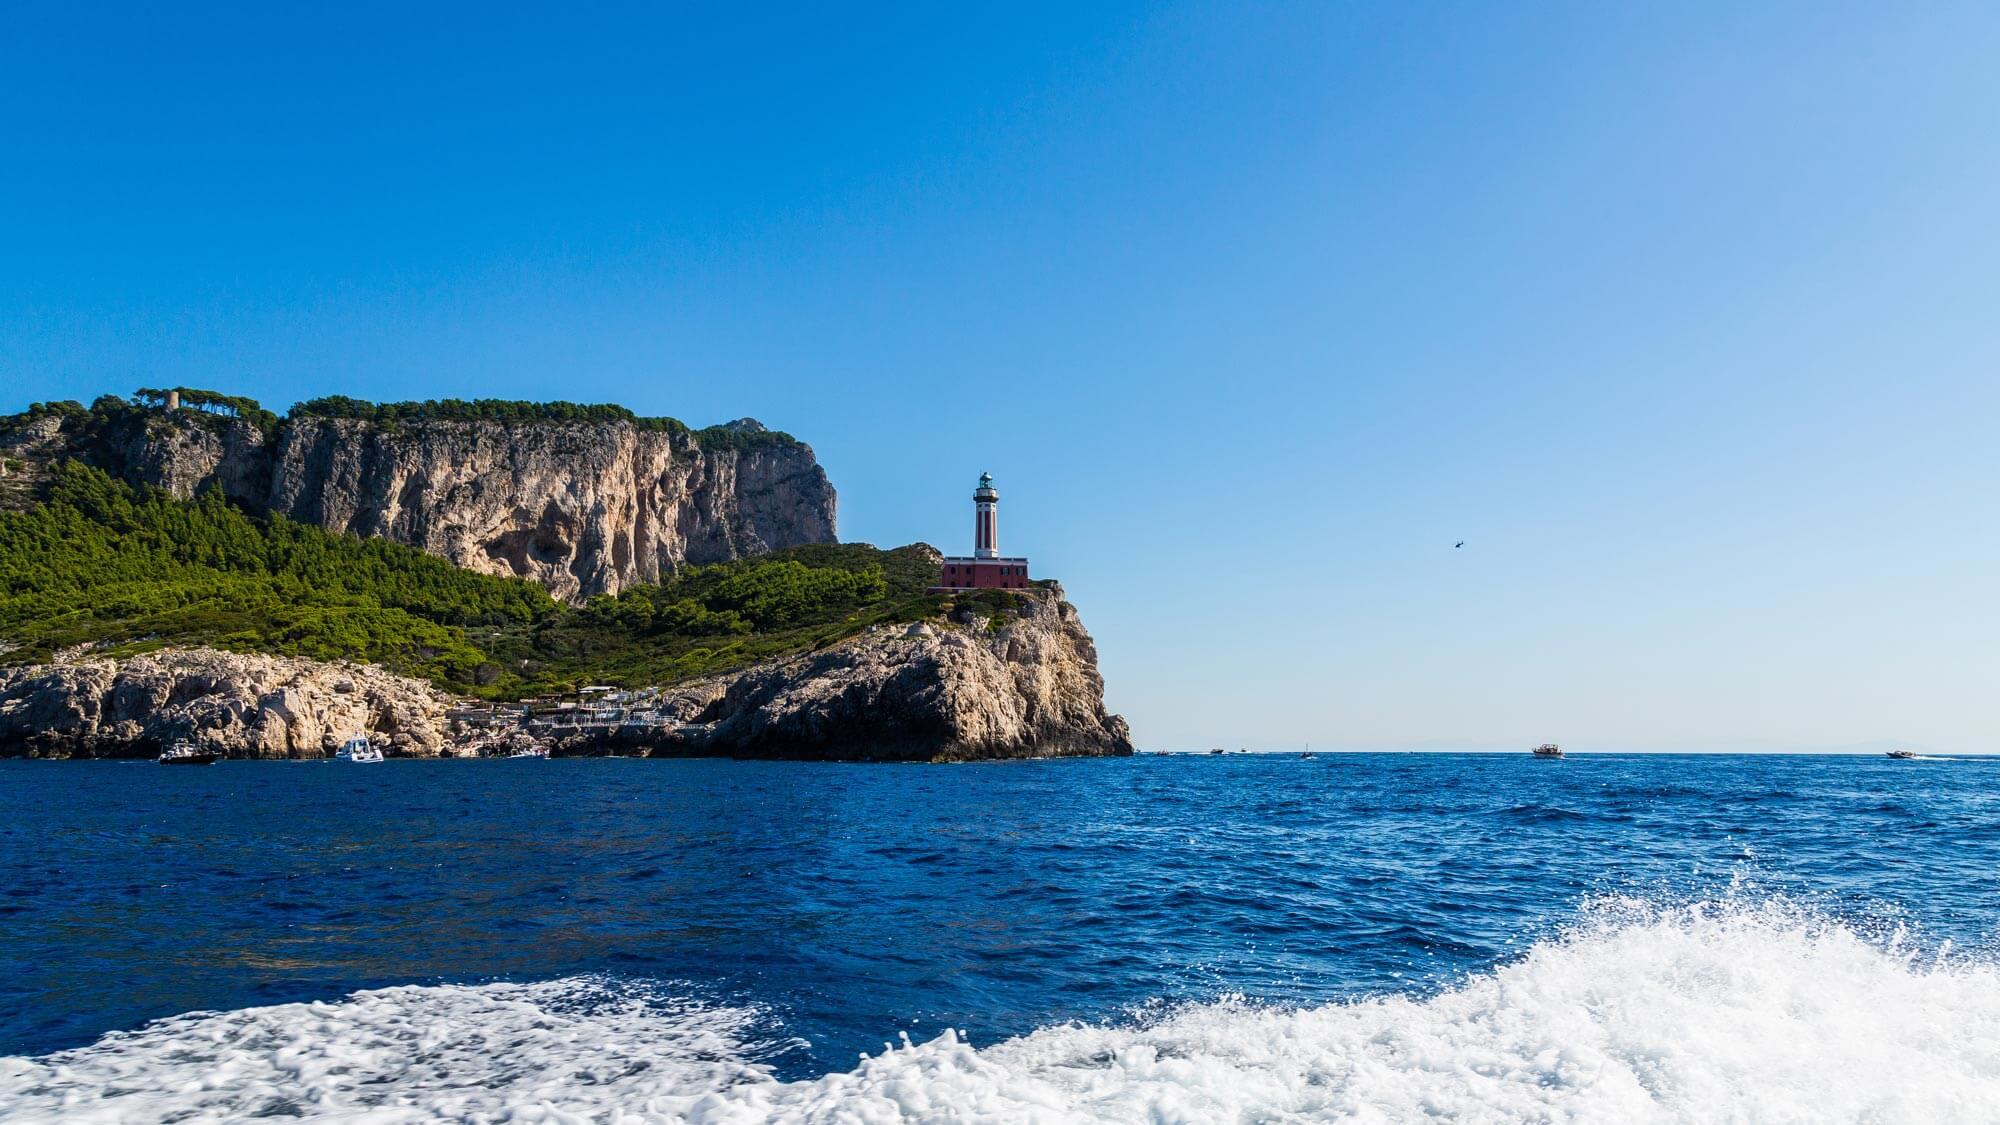 Capri Punta Carena